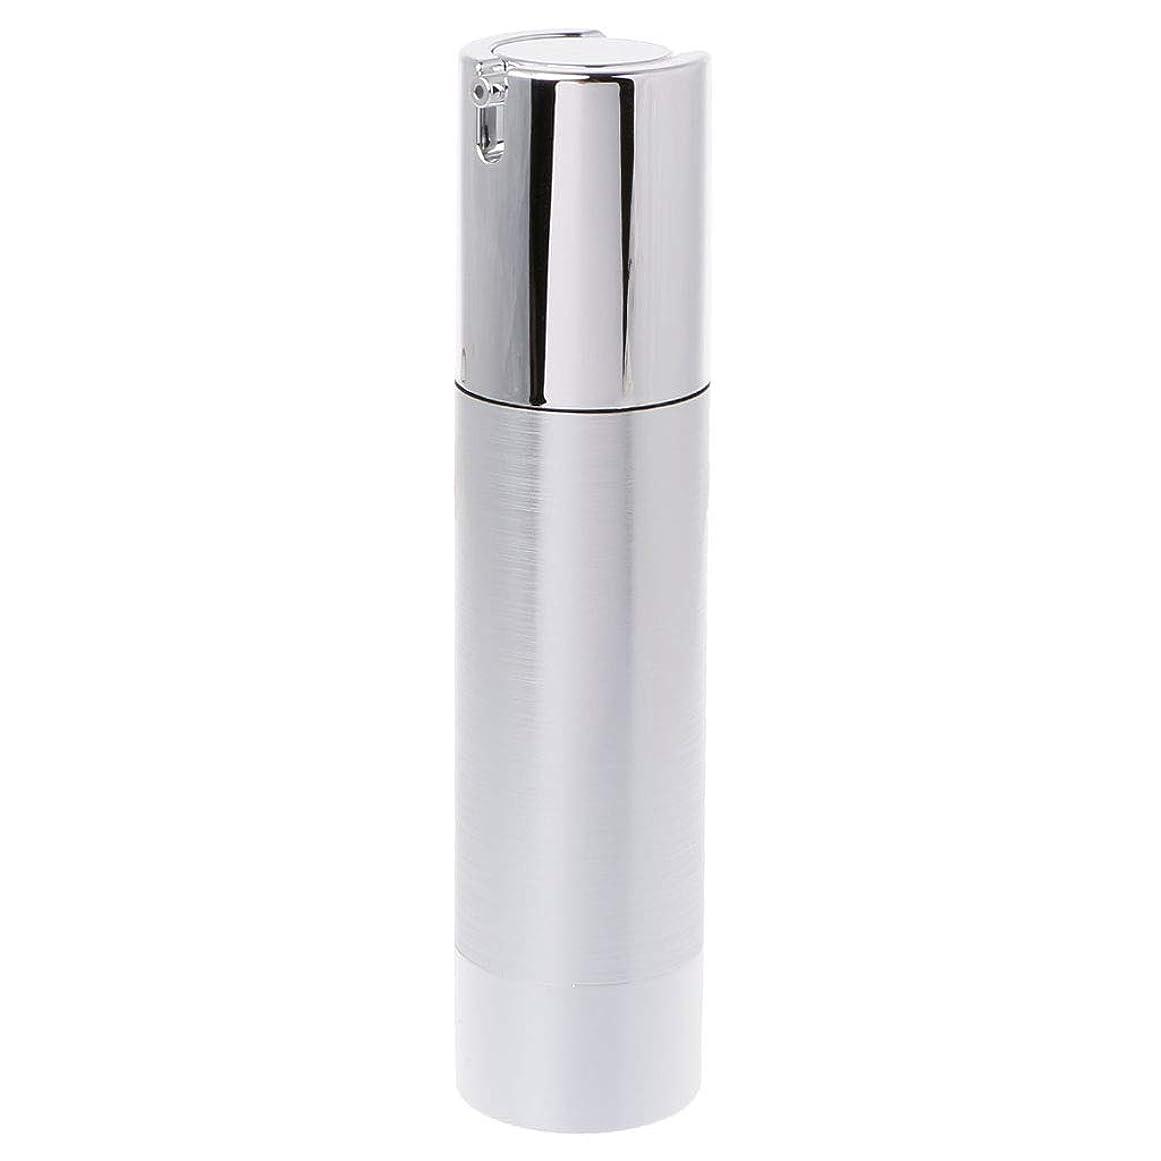 上げる想定する砂利Dabixx 空のエアレスボトル化粧品プラスチックポンプコンテナトラベルツール15 30 50ml - 50ML